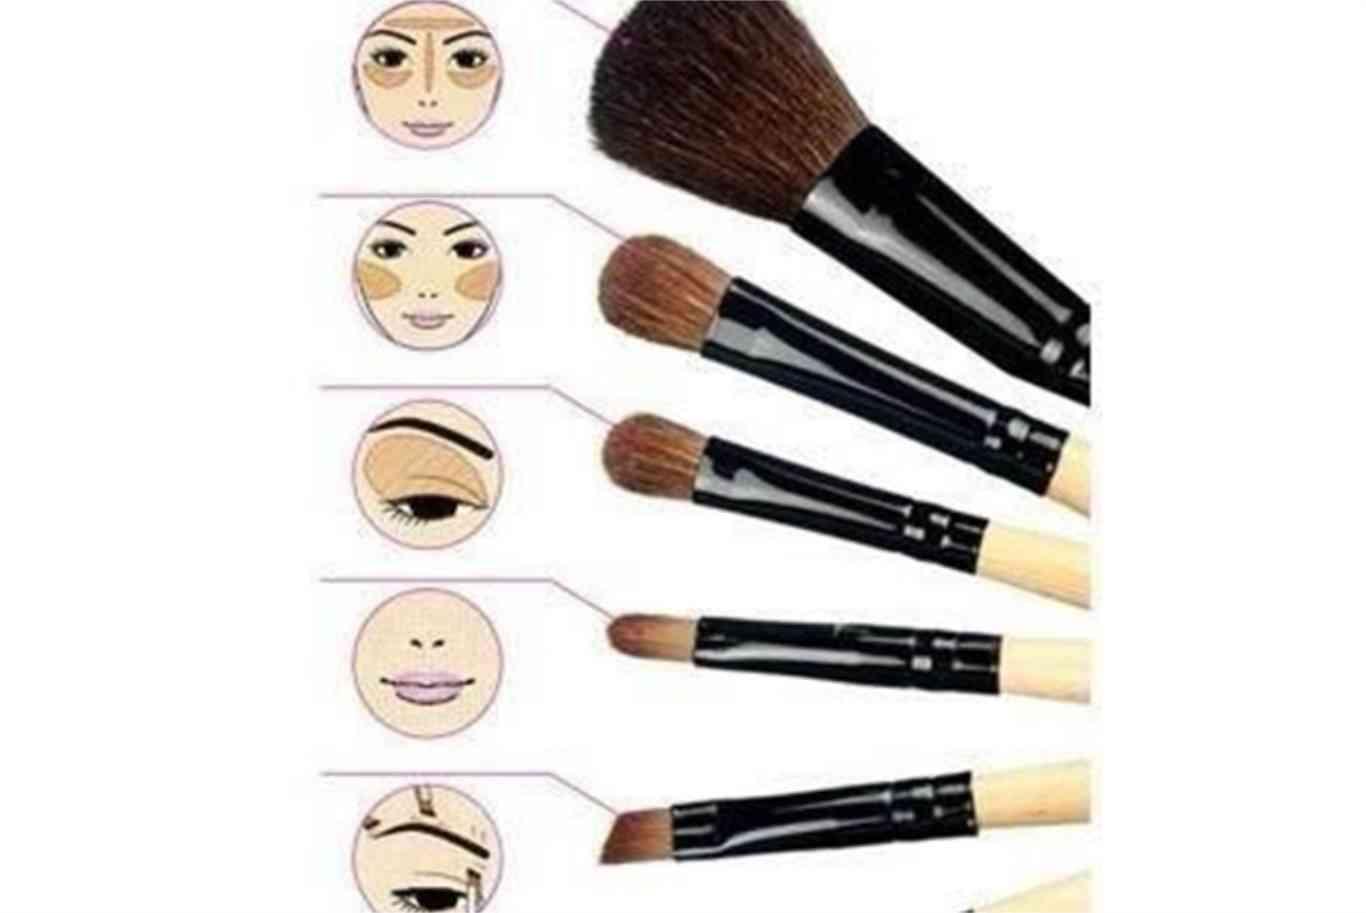 087e803c6 Para qué se usa cada brocha de maquillaje - Dream Alcalá